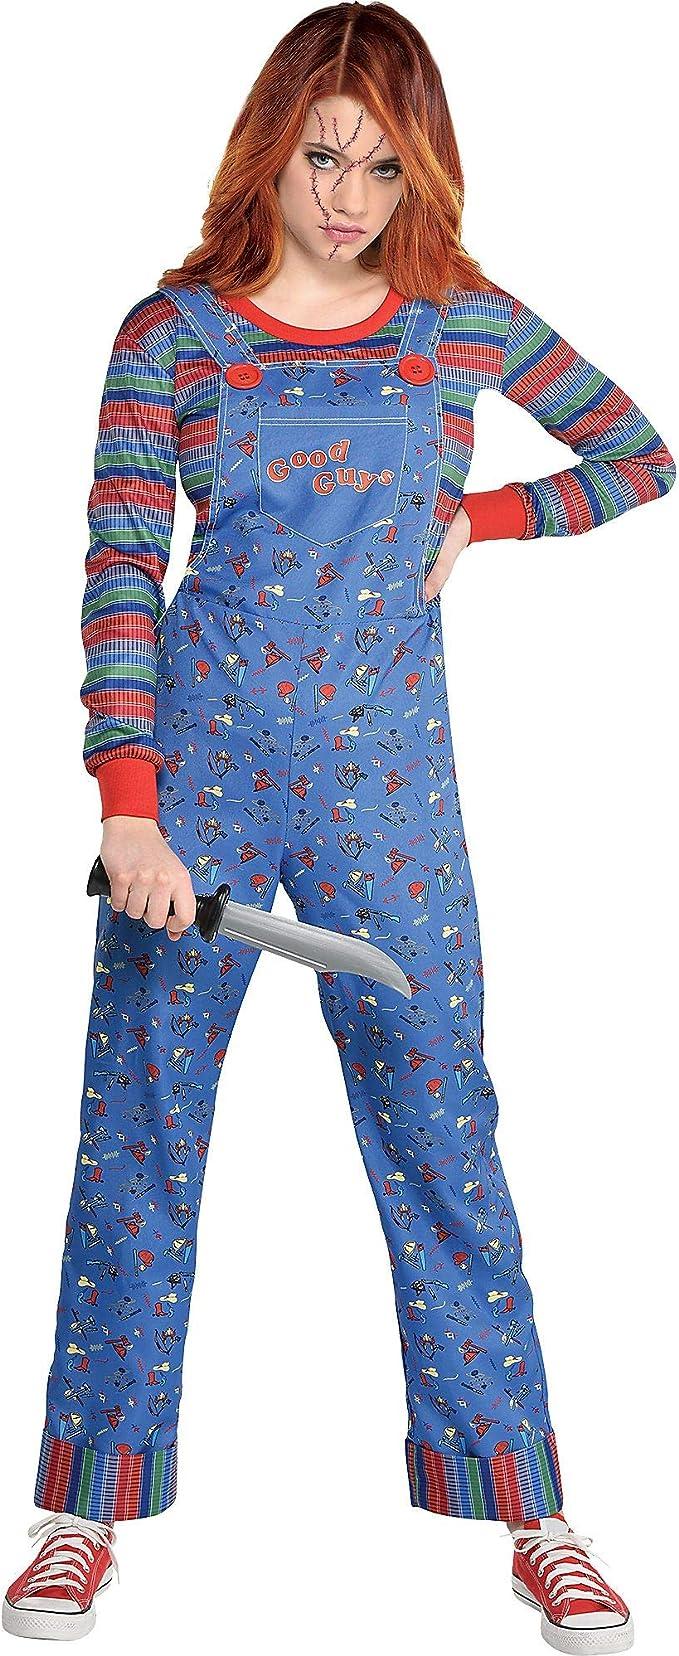 Party City Chucky Disfraz de Halloween para mujer, juego infantil incluye mono